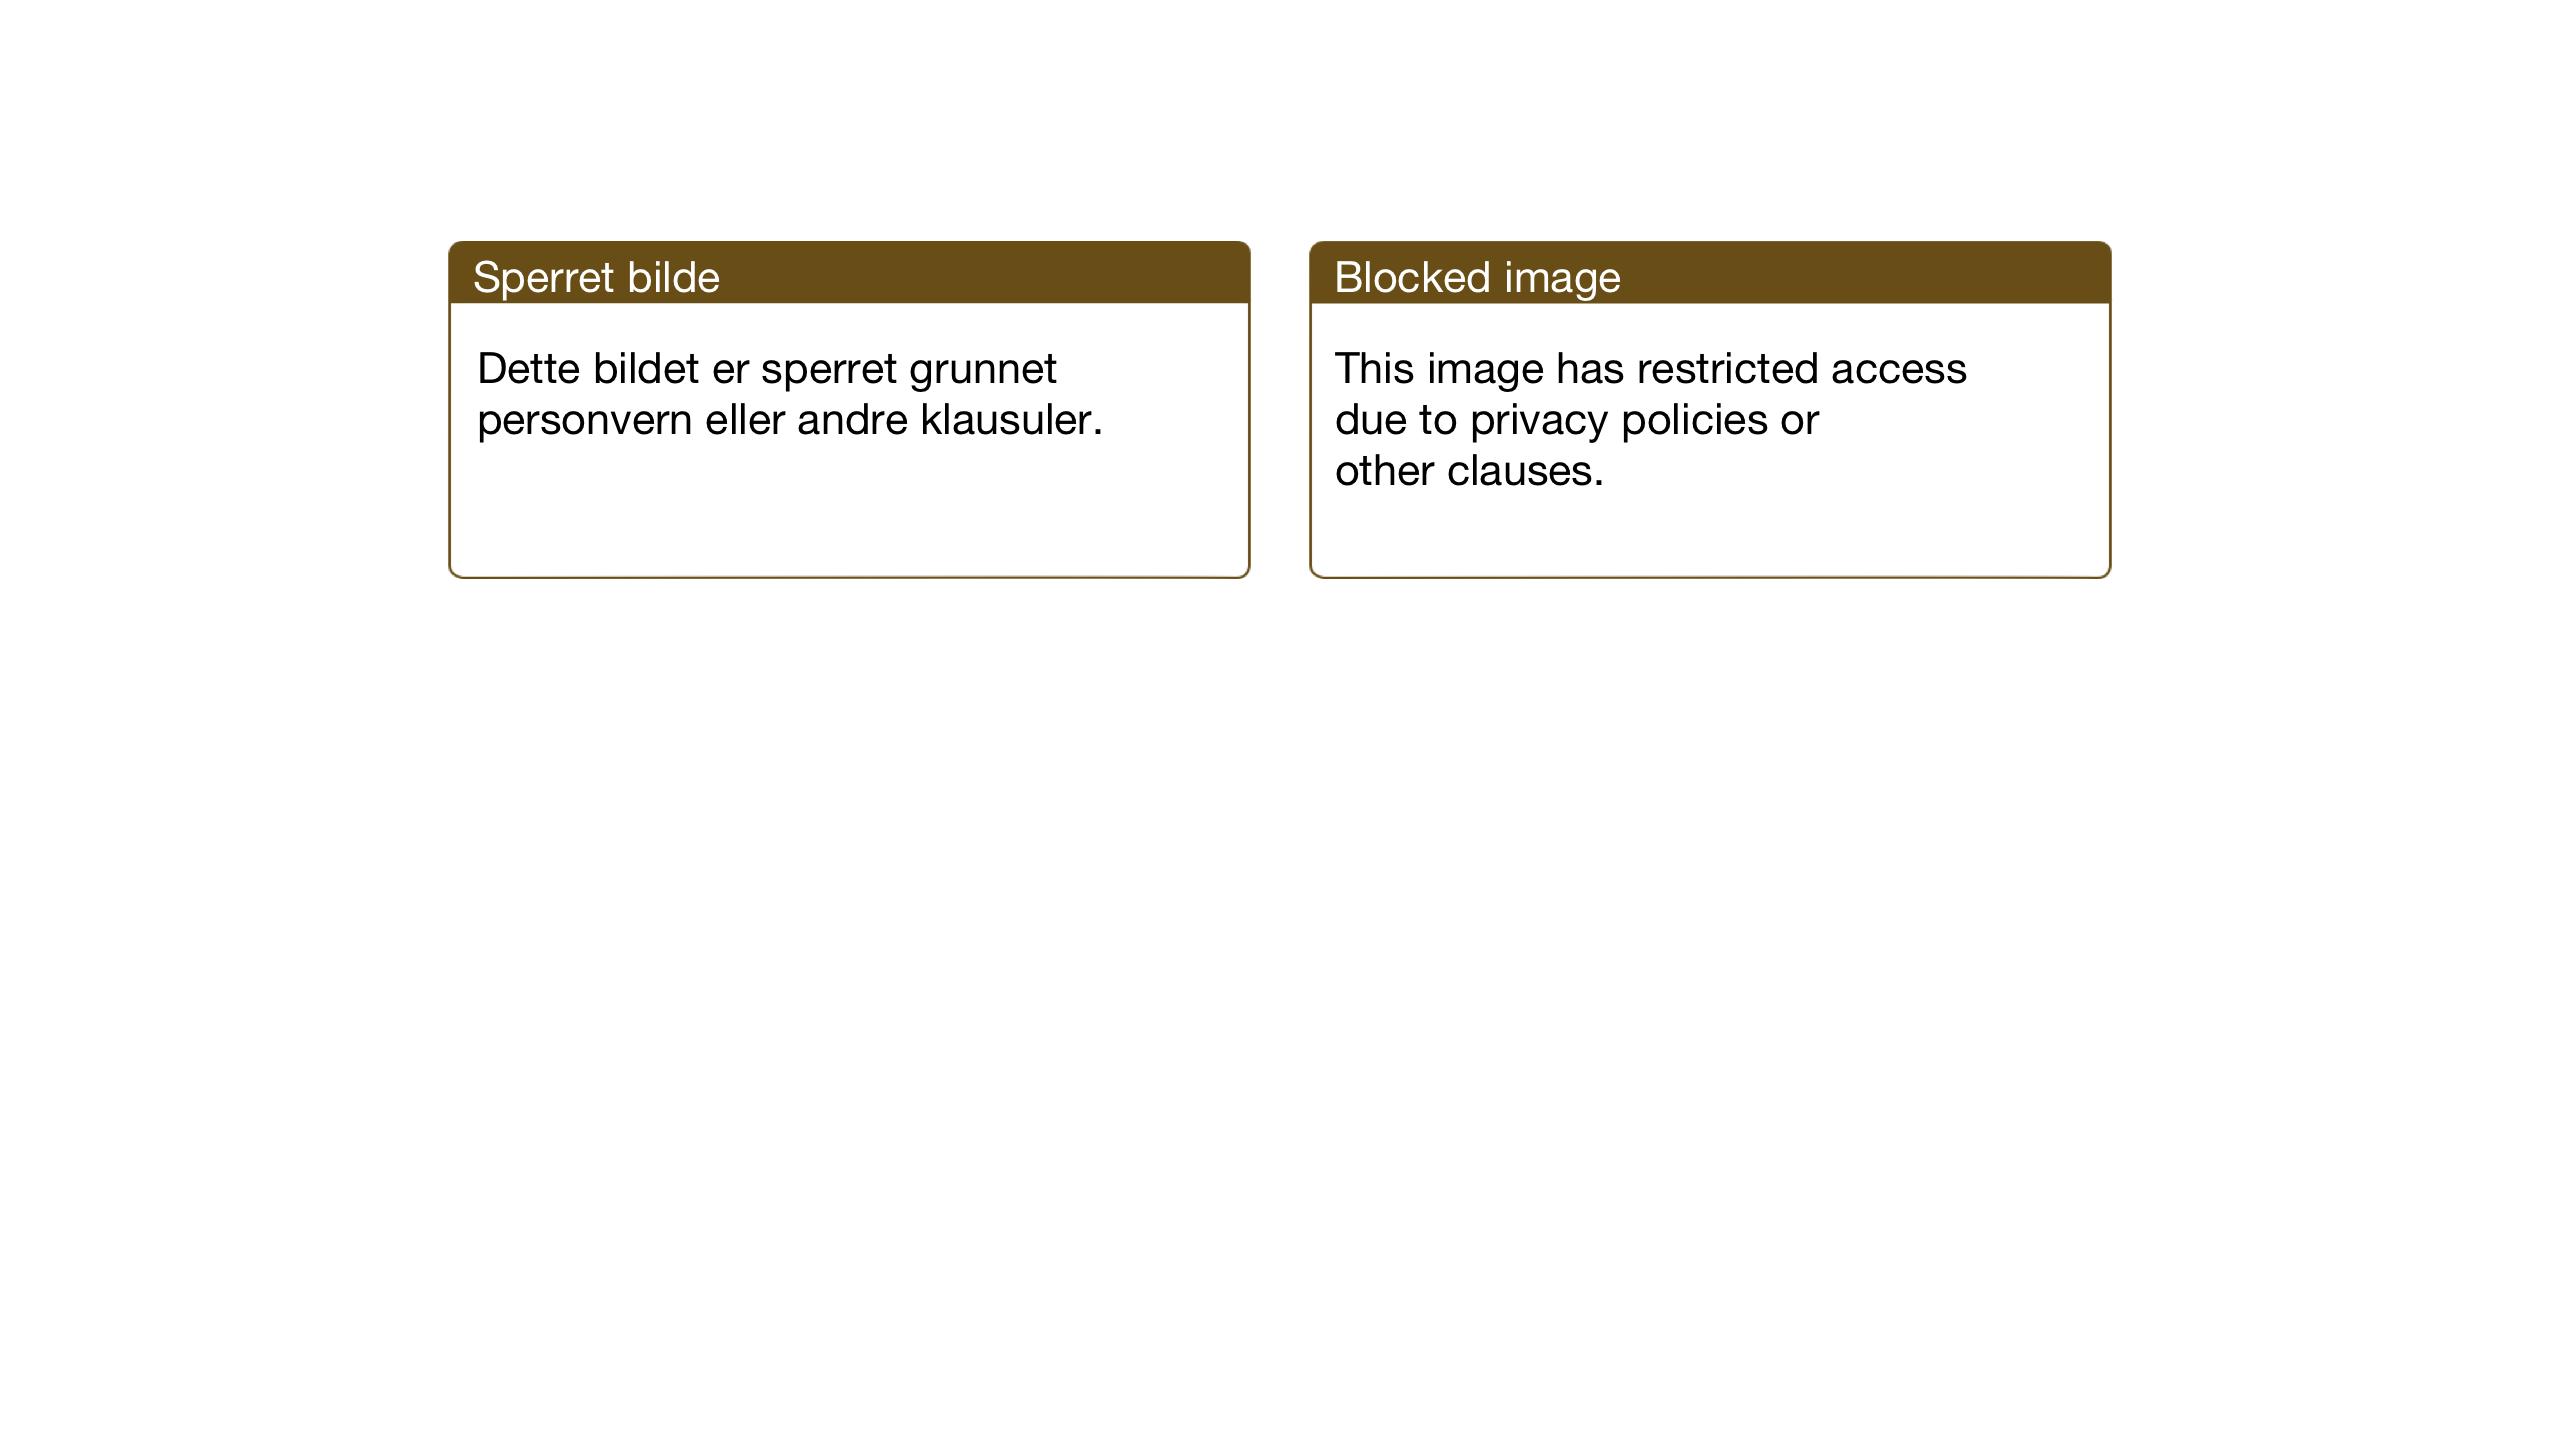 SAT, Ministerialprotokoller, klokkerbøker og fødselsregistre - Sør-Trøndelag, 662/L0758: Klokkerbok nr. 662C03, 1918-1948, s. 47